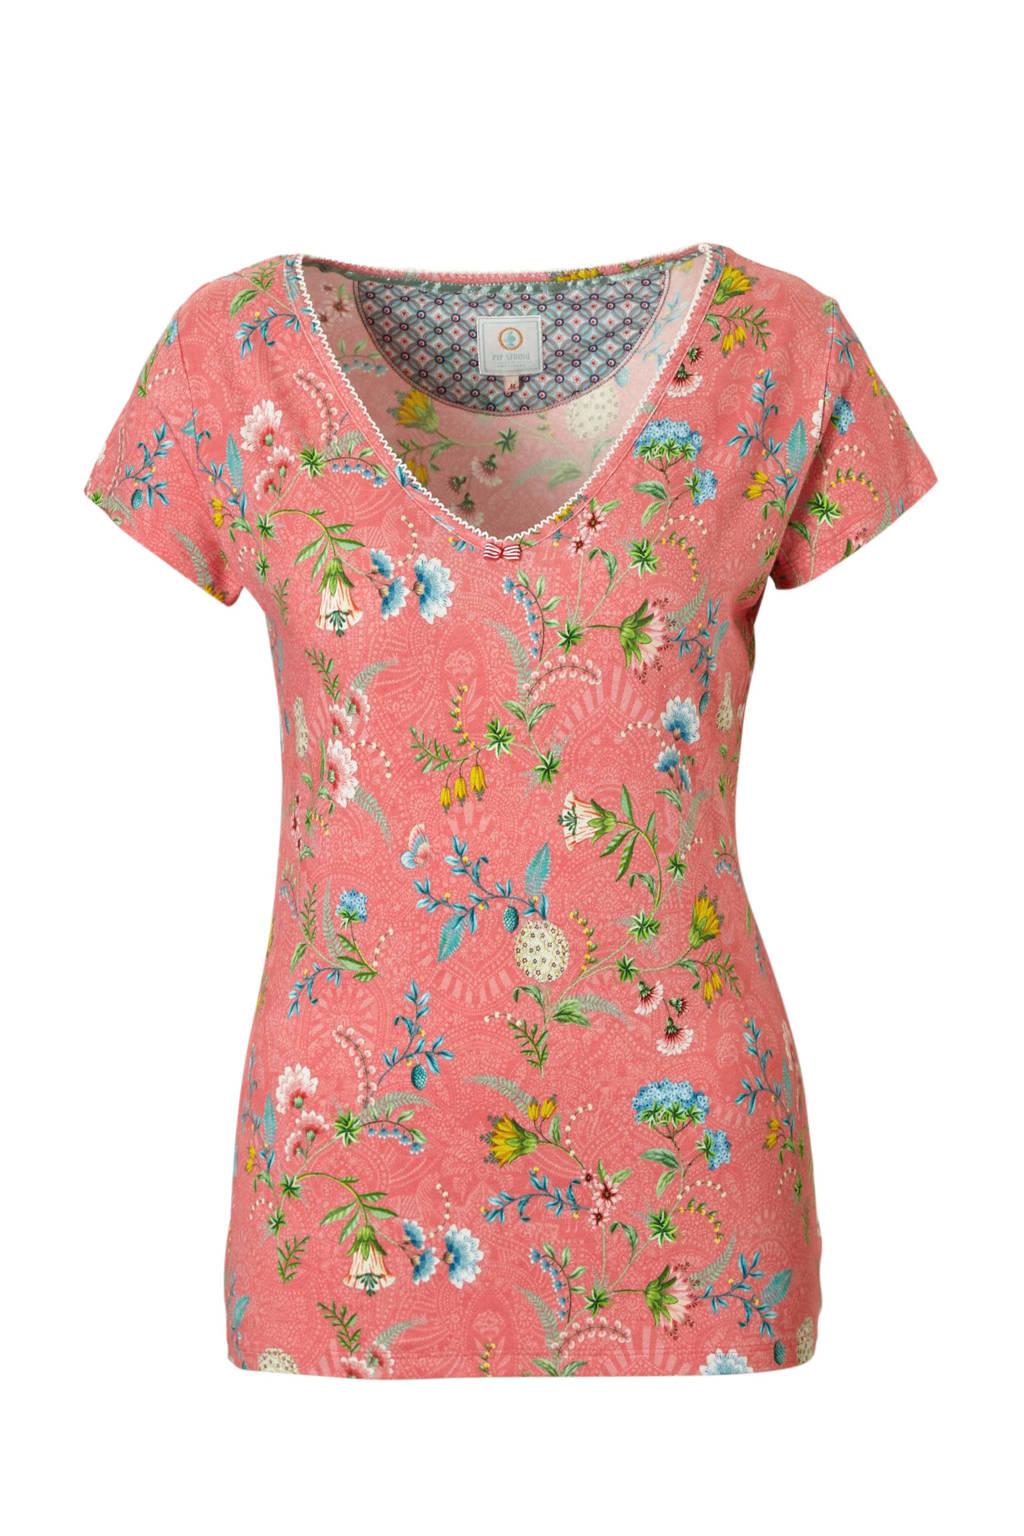 Pip Studio pyjamatop met all-over print roze, Rzoe